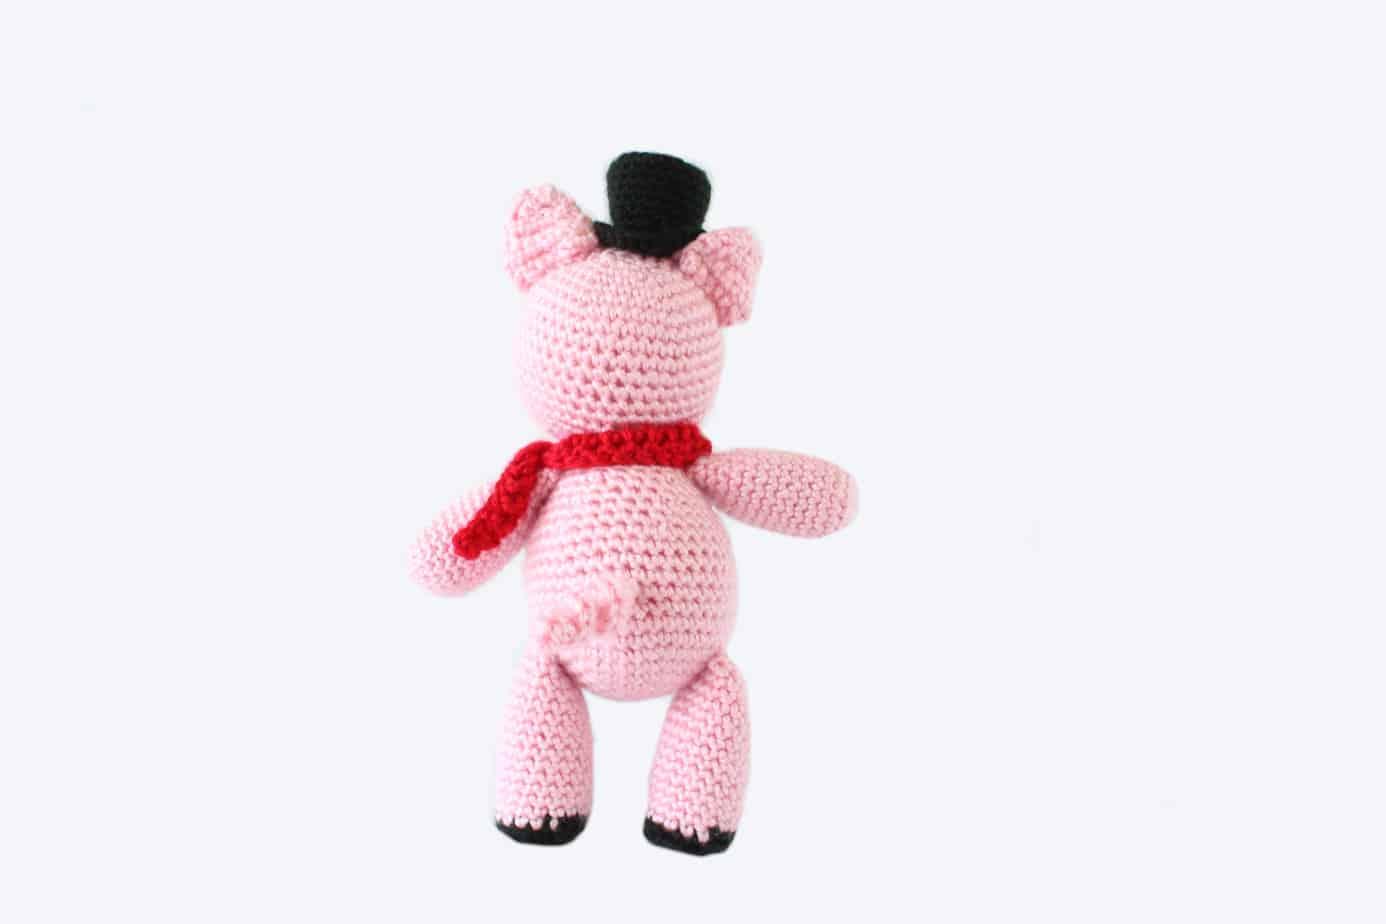 peter the amigurumi piglet